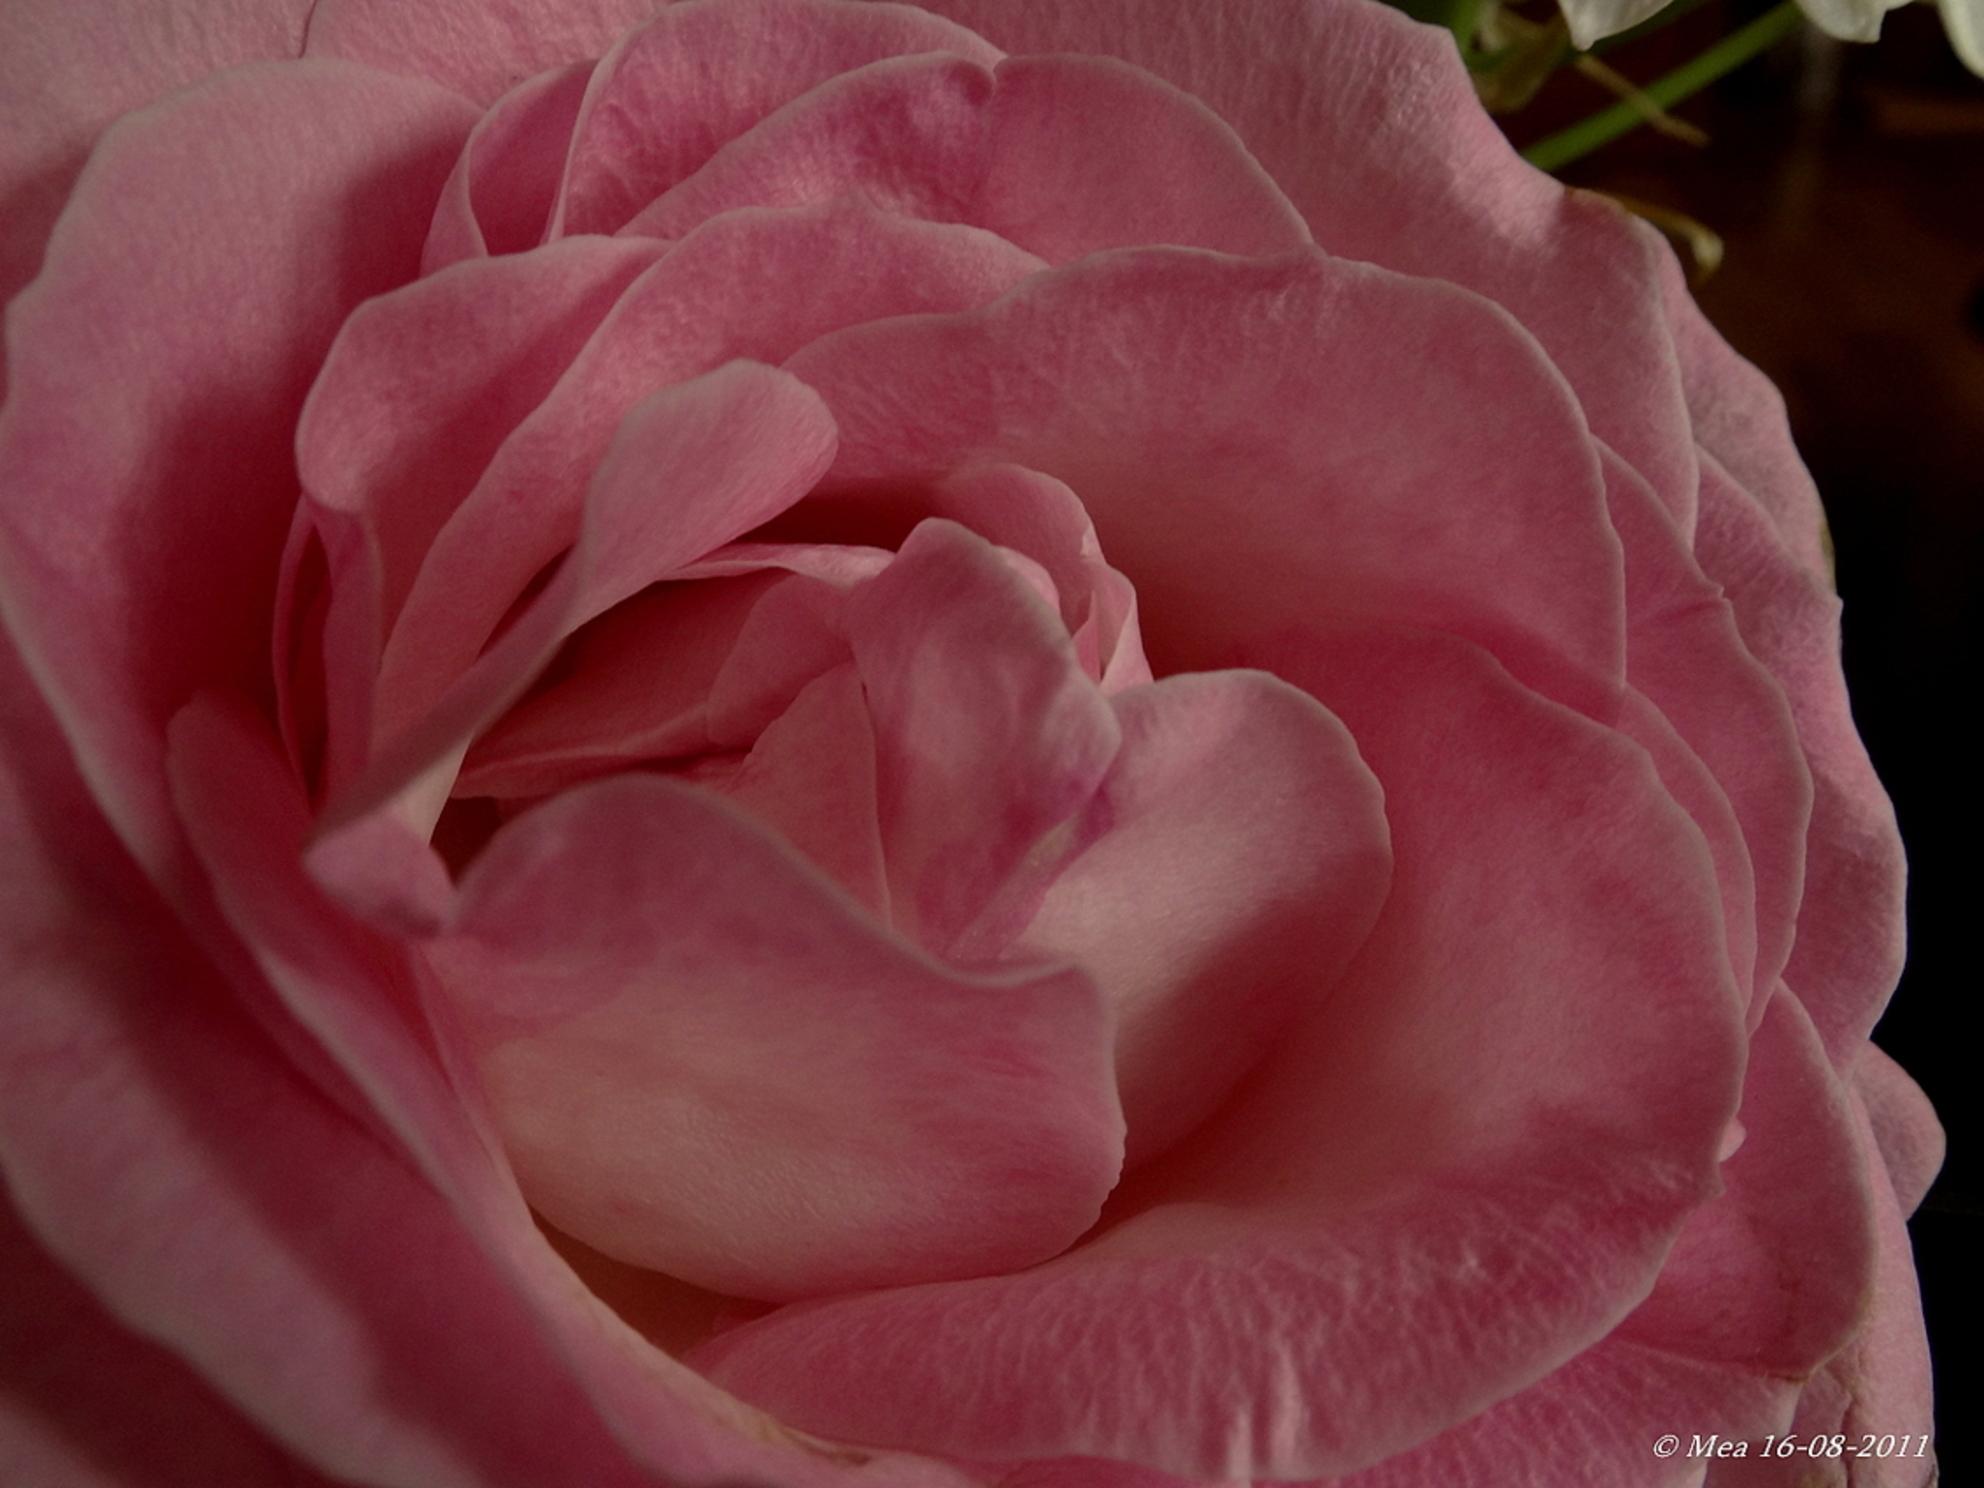 roze roos - uit een bouquet... - foto door angenent op 22-08-2011 - deze foto bevat: roze, bloem, roos - Deze foto mag gebruikt worden in een Zoom.nl publicatie